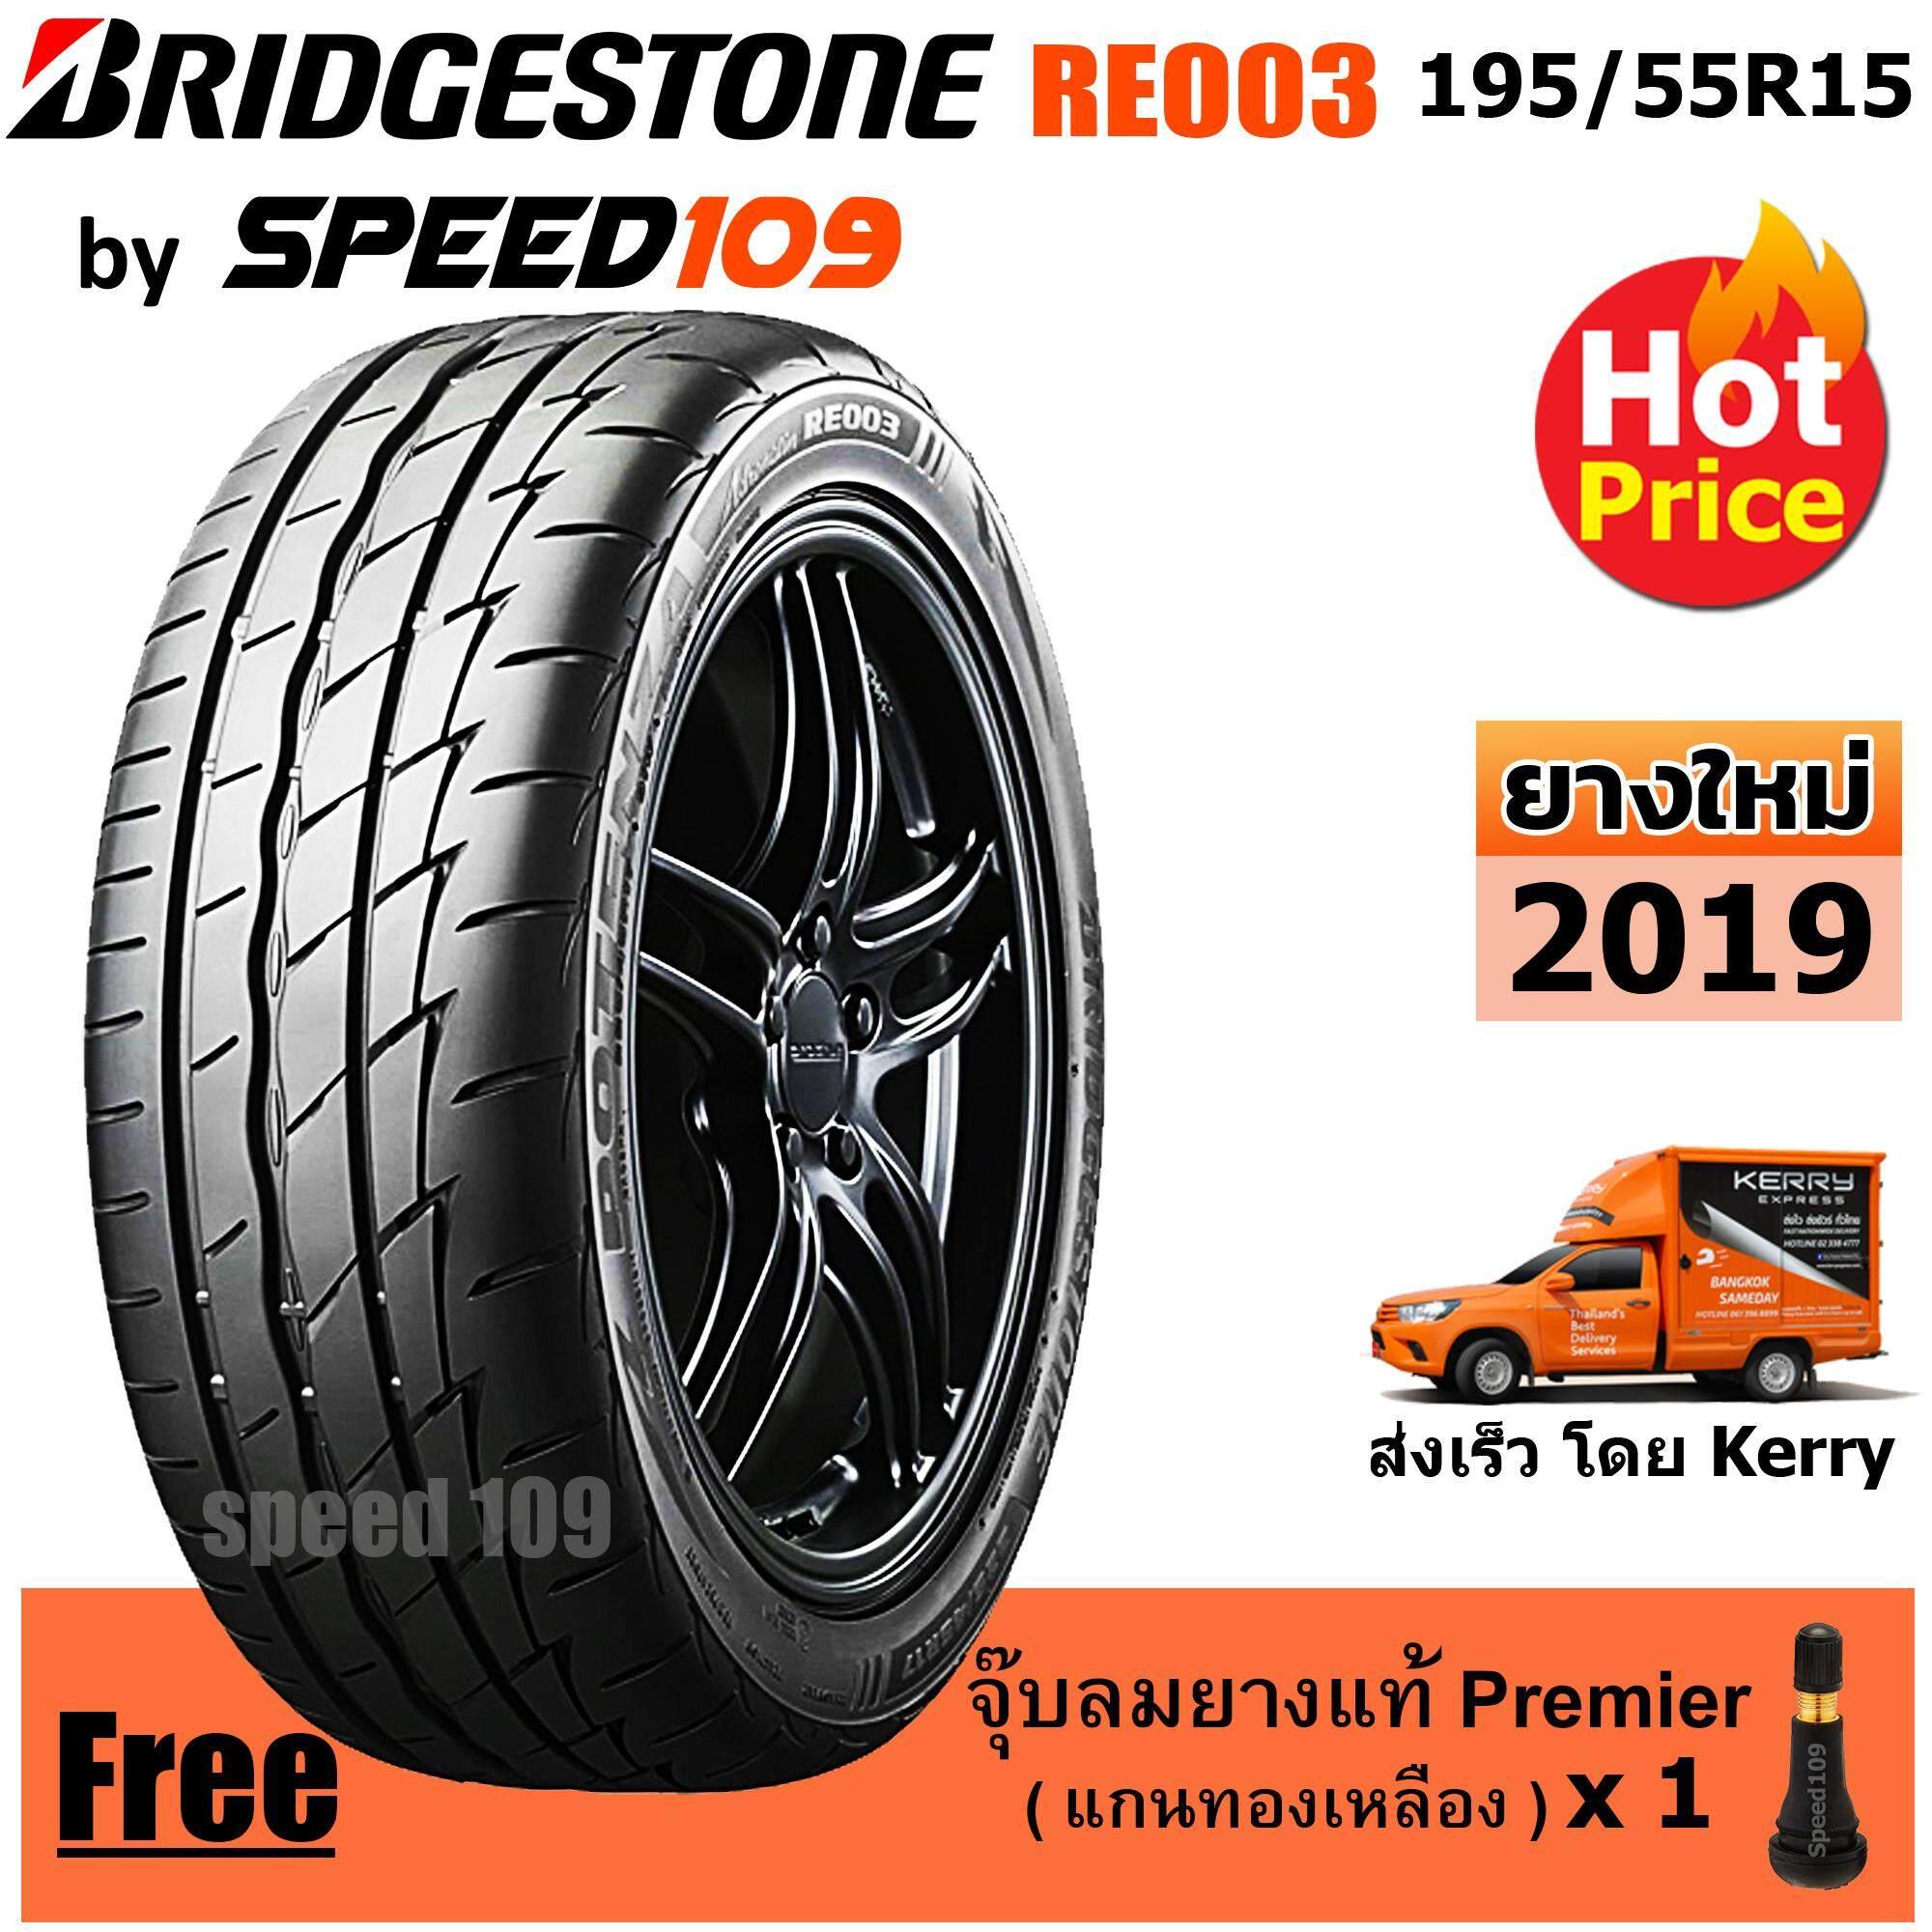 โปรโมชั่นพิเศษ  อำนาจเจริญ BRIDGESTONE ยางรถยนต์ ขอบ 15 ขนาด 195/55R15 รุ่น Potenza Adrenalin RE003 - 1 เส้น (ปี 2019)